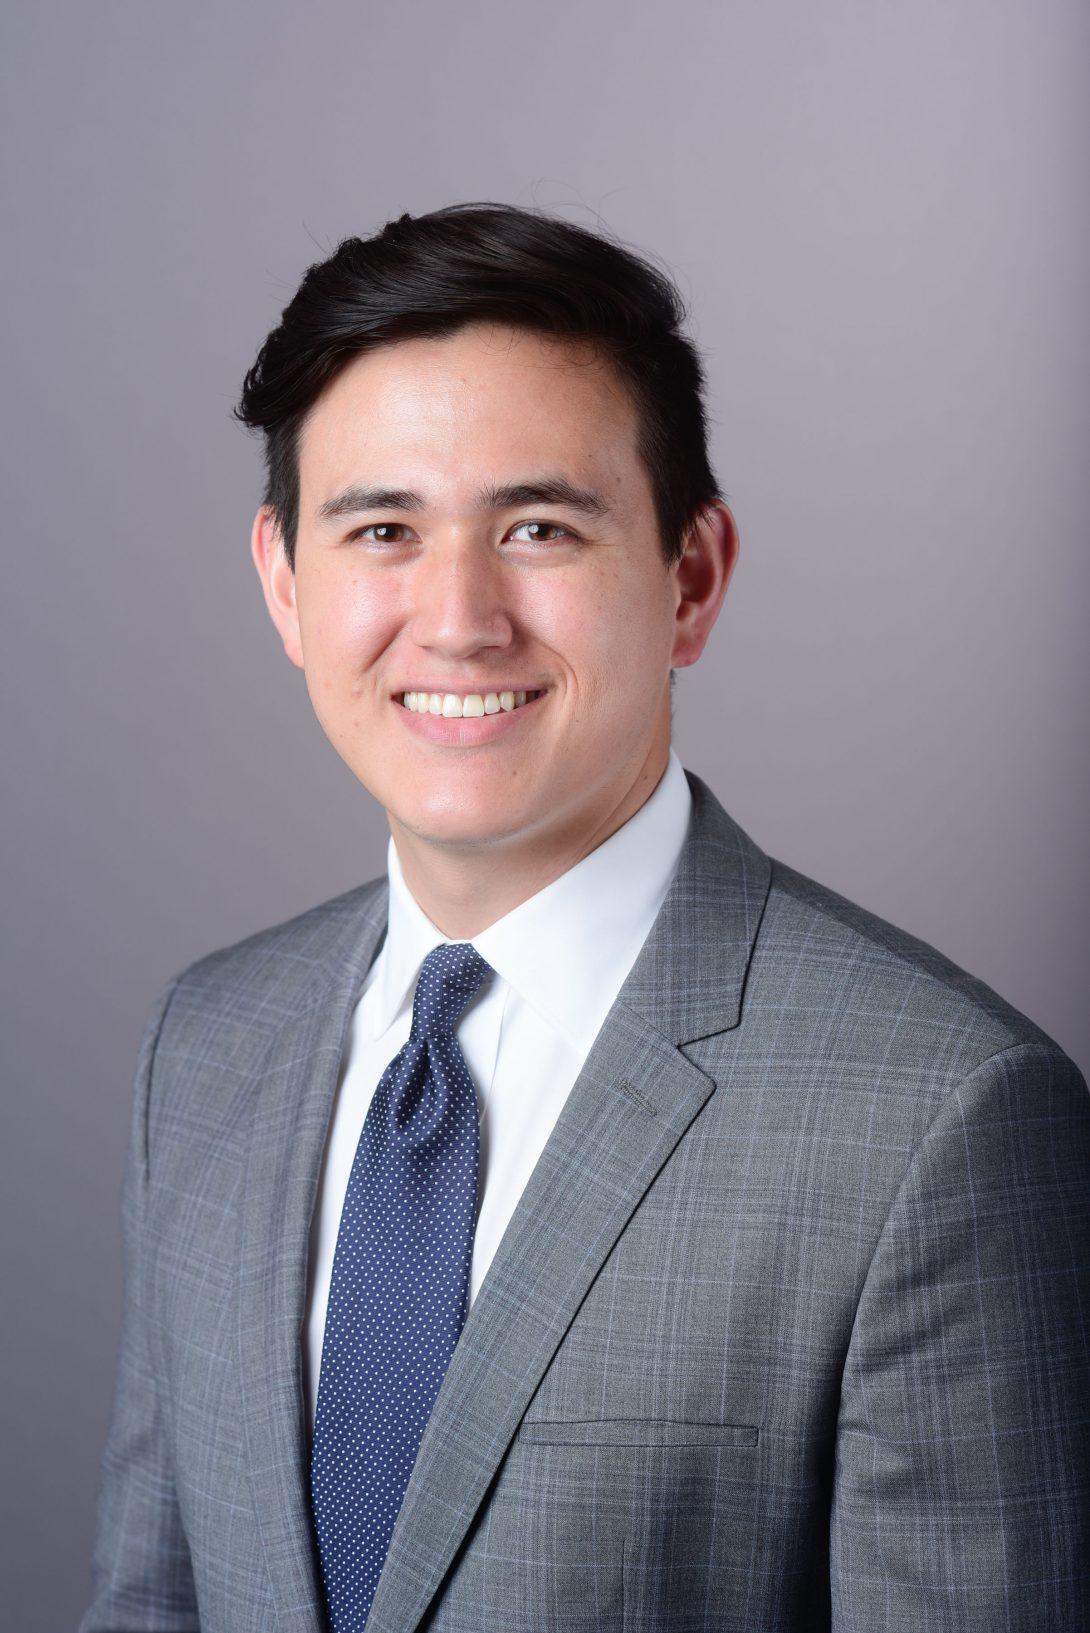 portrait of Dr. Matthew Rhee